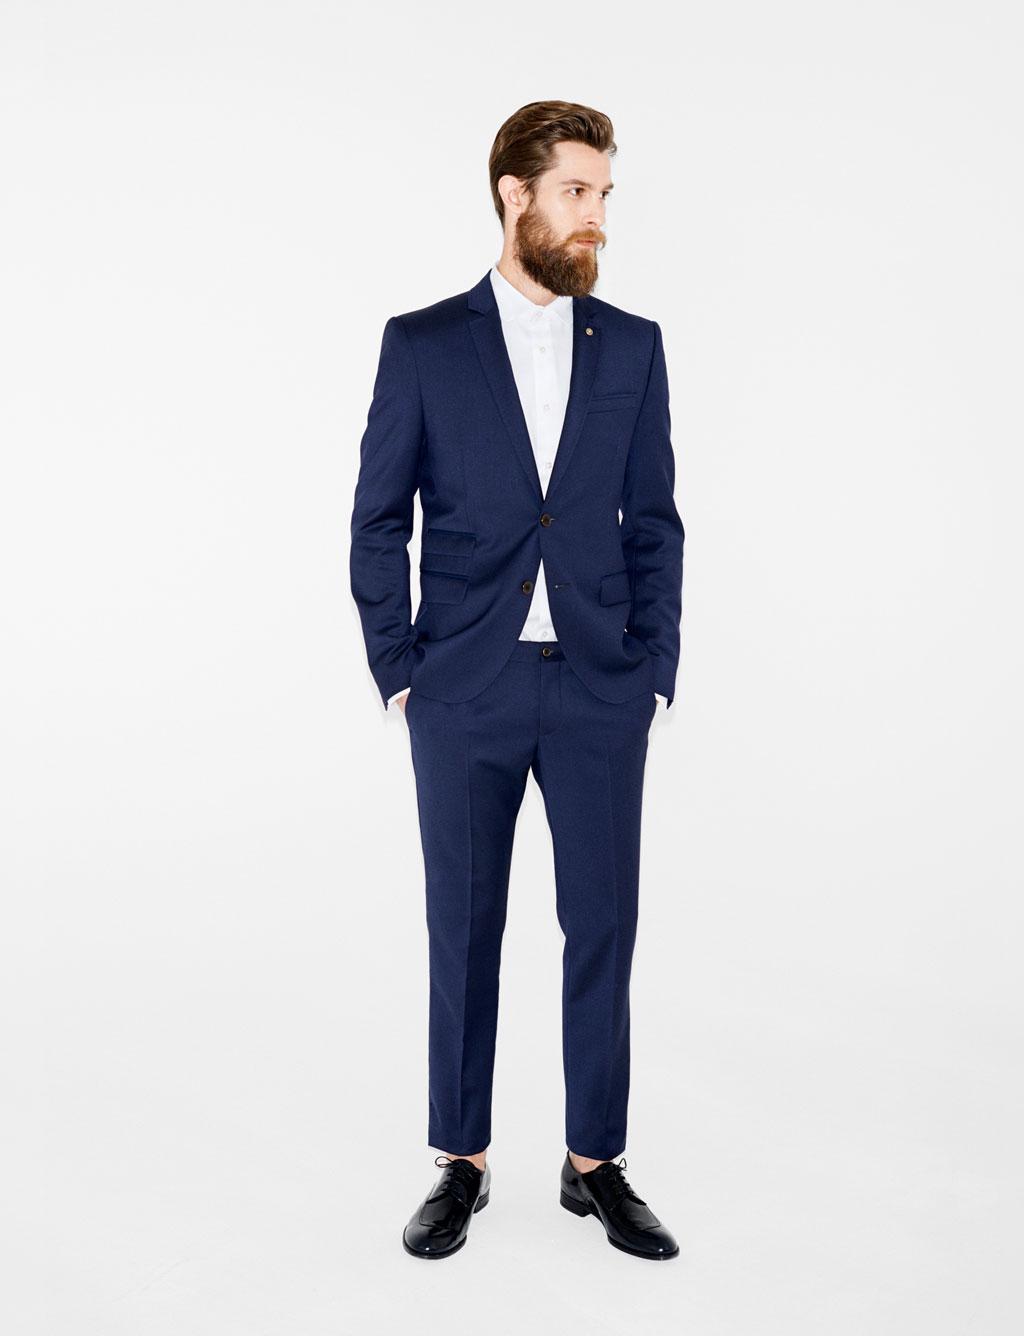 mettez en valeur votre l gance en choisissant un blazer homme bleu marine. Black Bedroom Furniture Sets. Home Design Ideas